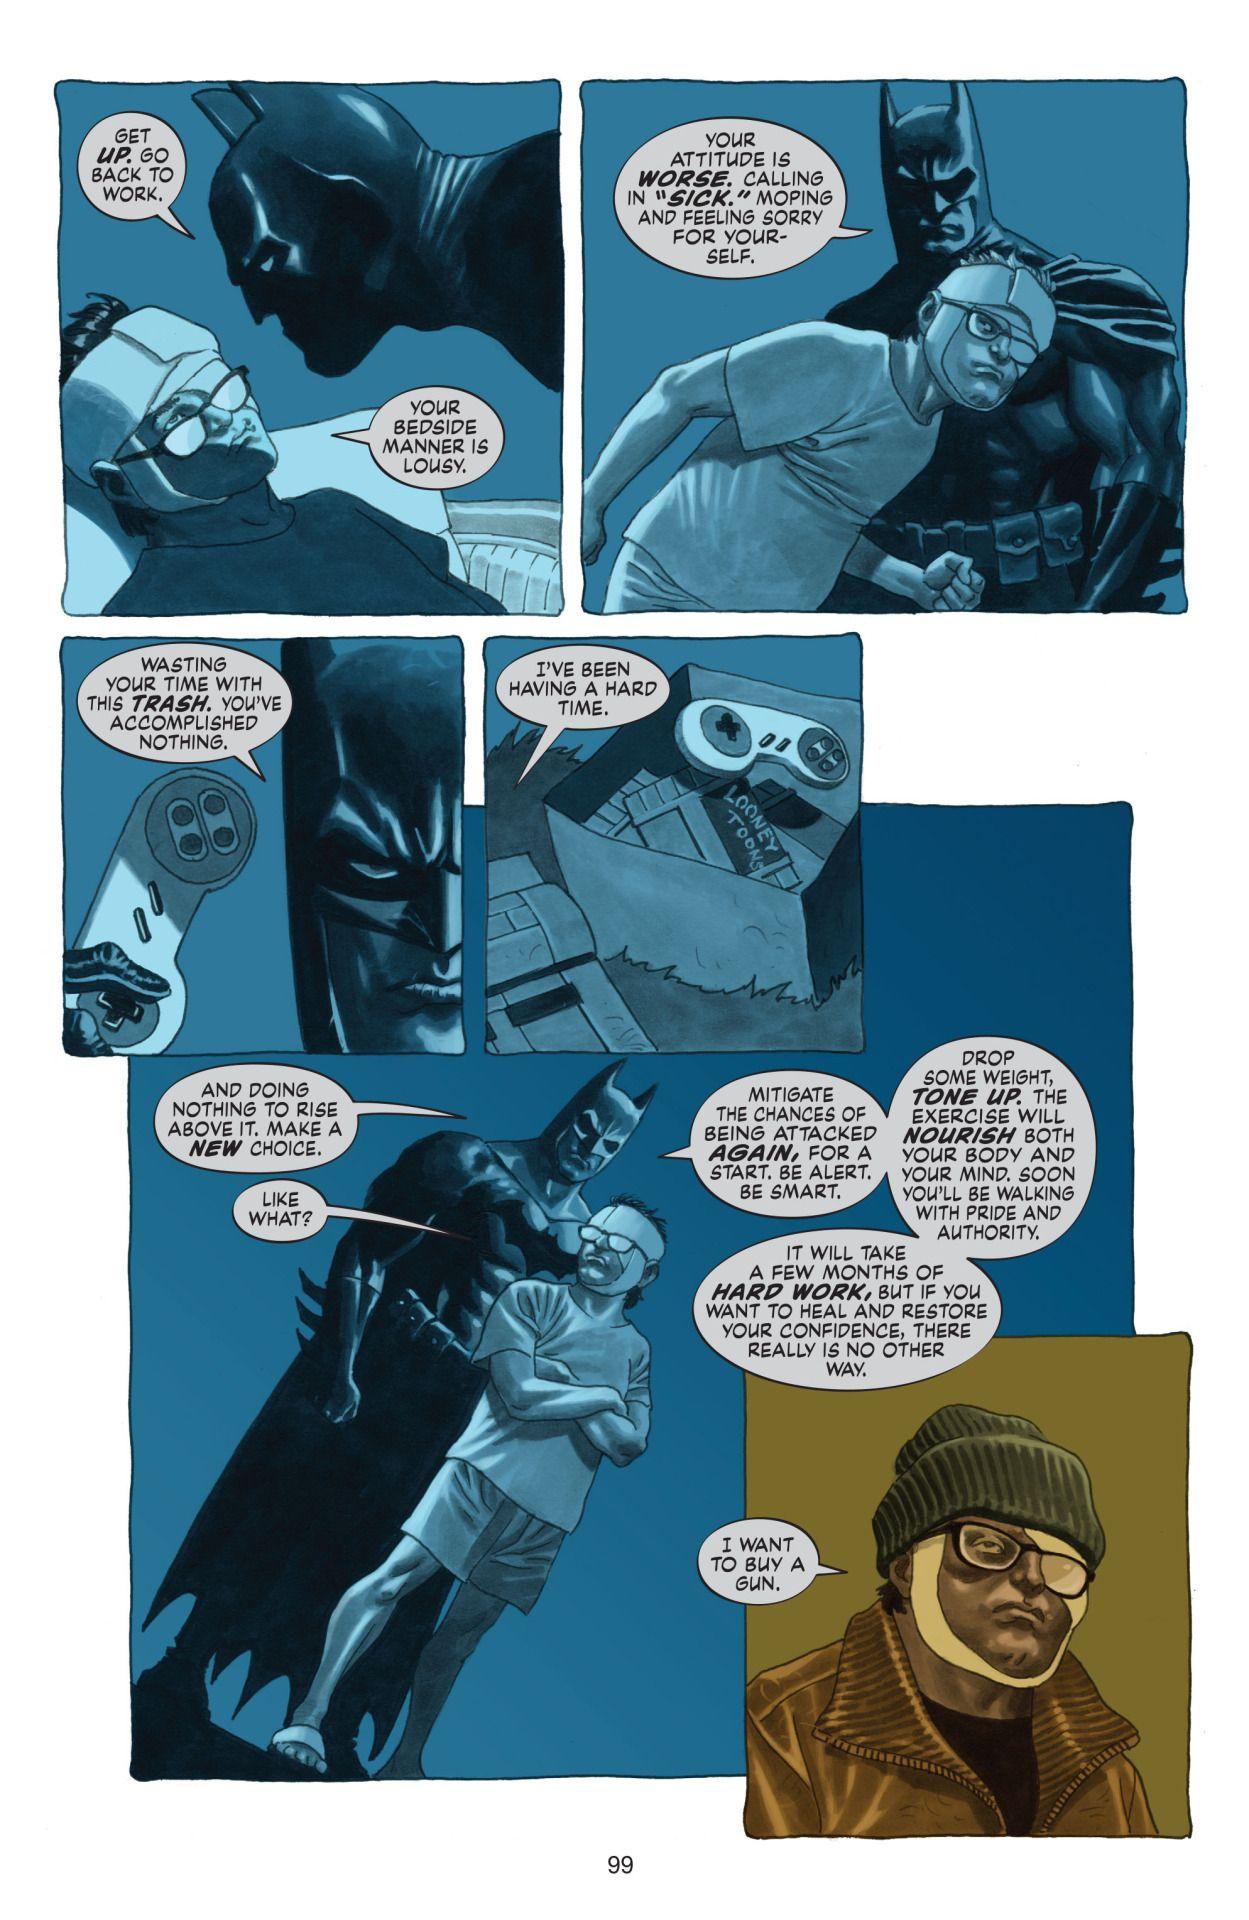 Noite de Trevas: Uma historia real de Batman, ou melhor, a tragédia de Paul Dini | Críticas | Revista Ambrosia